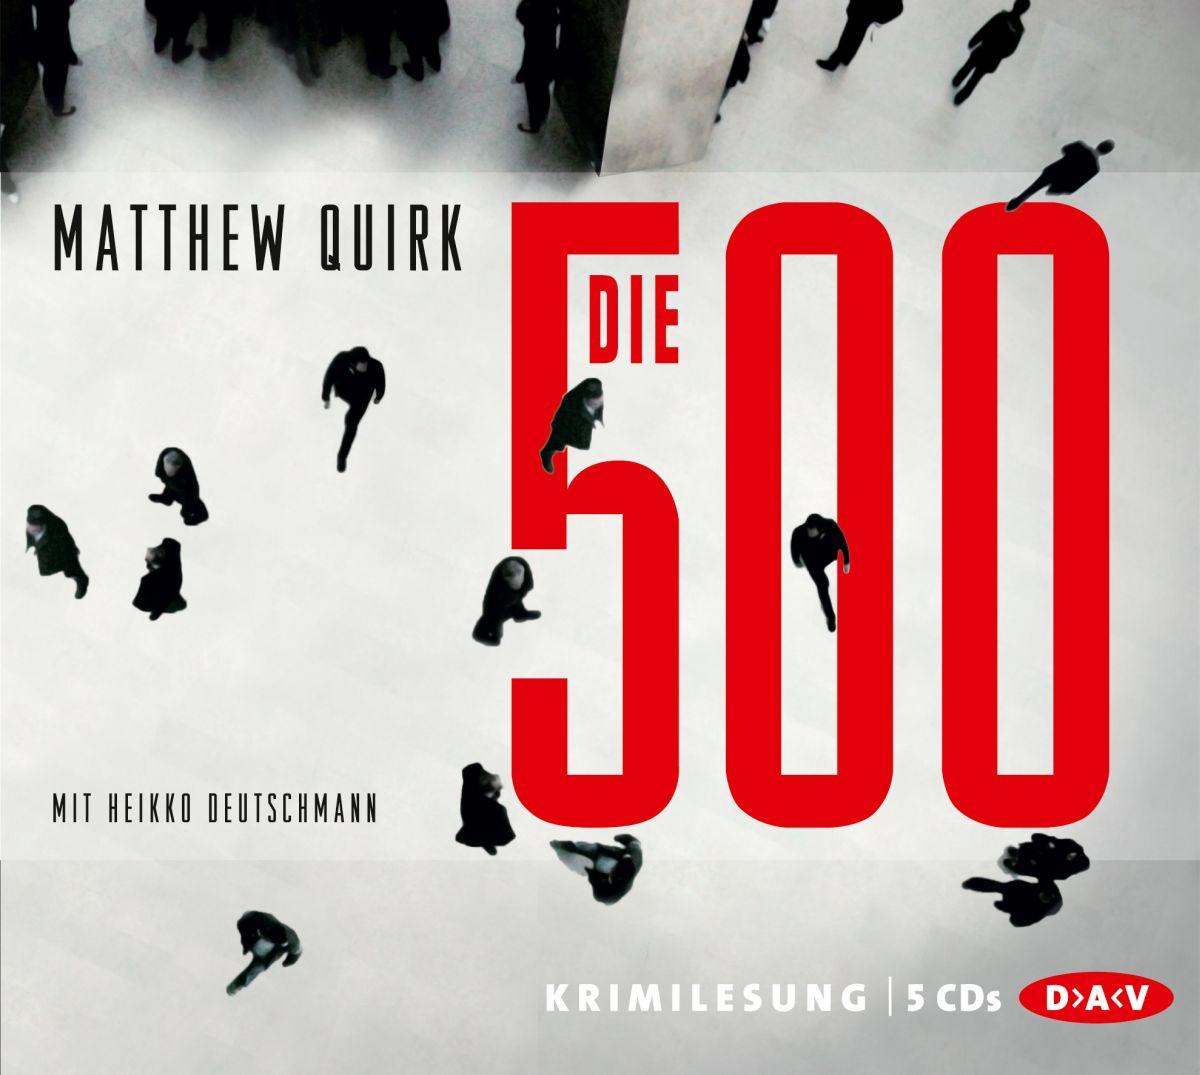 Matthew Quirk - Die 500